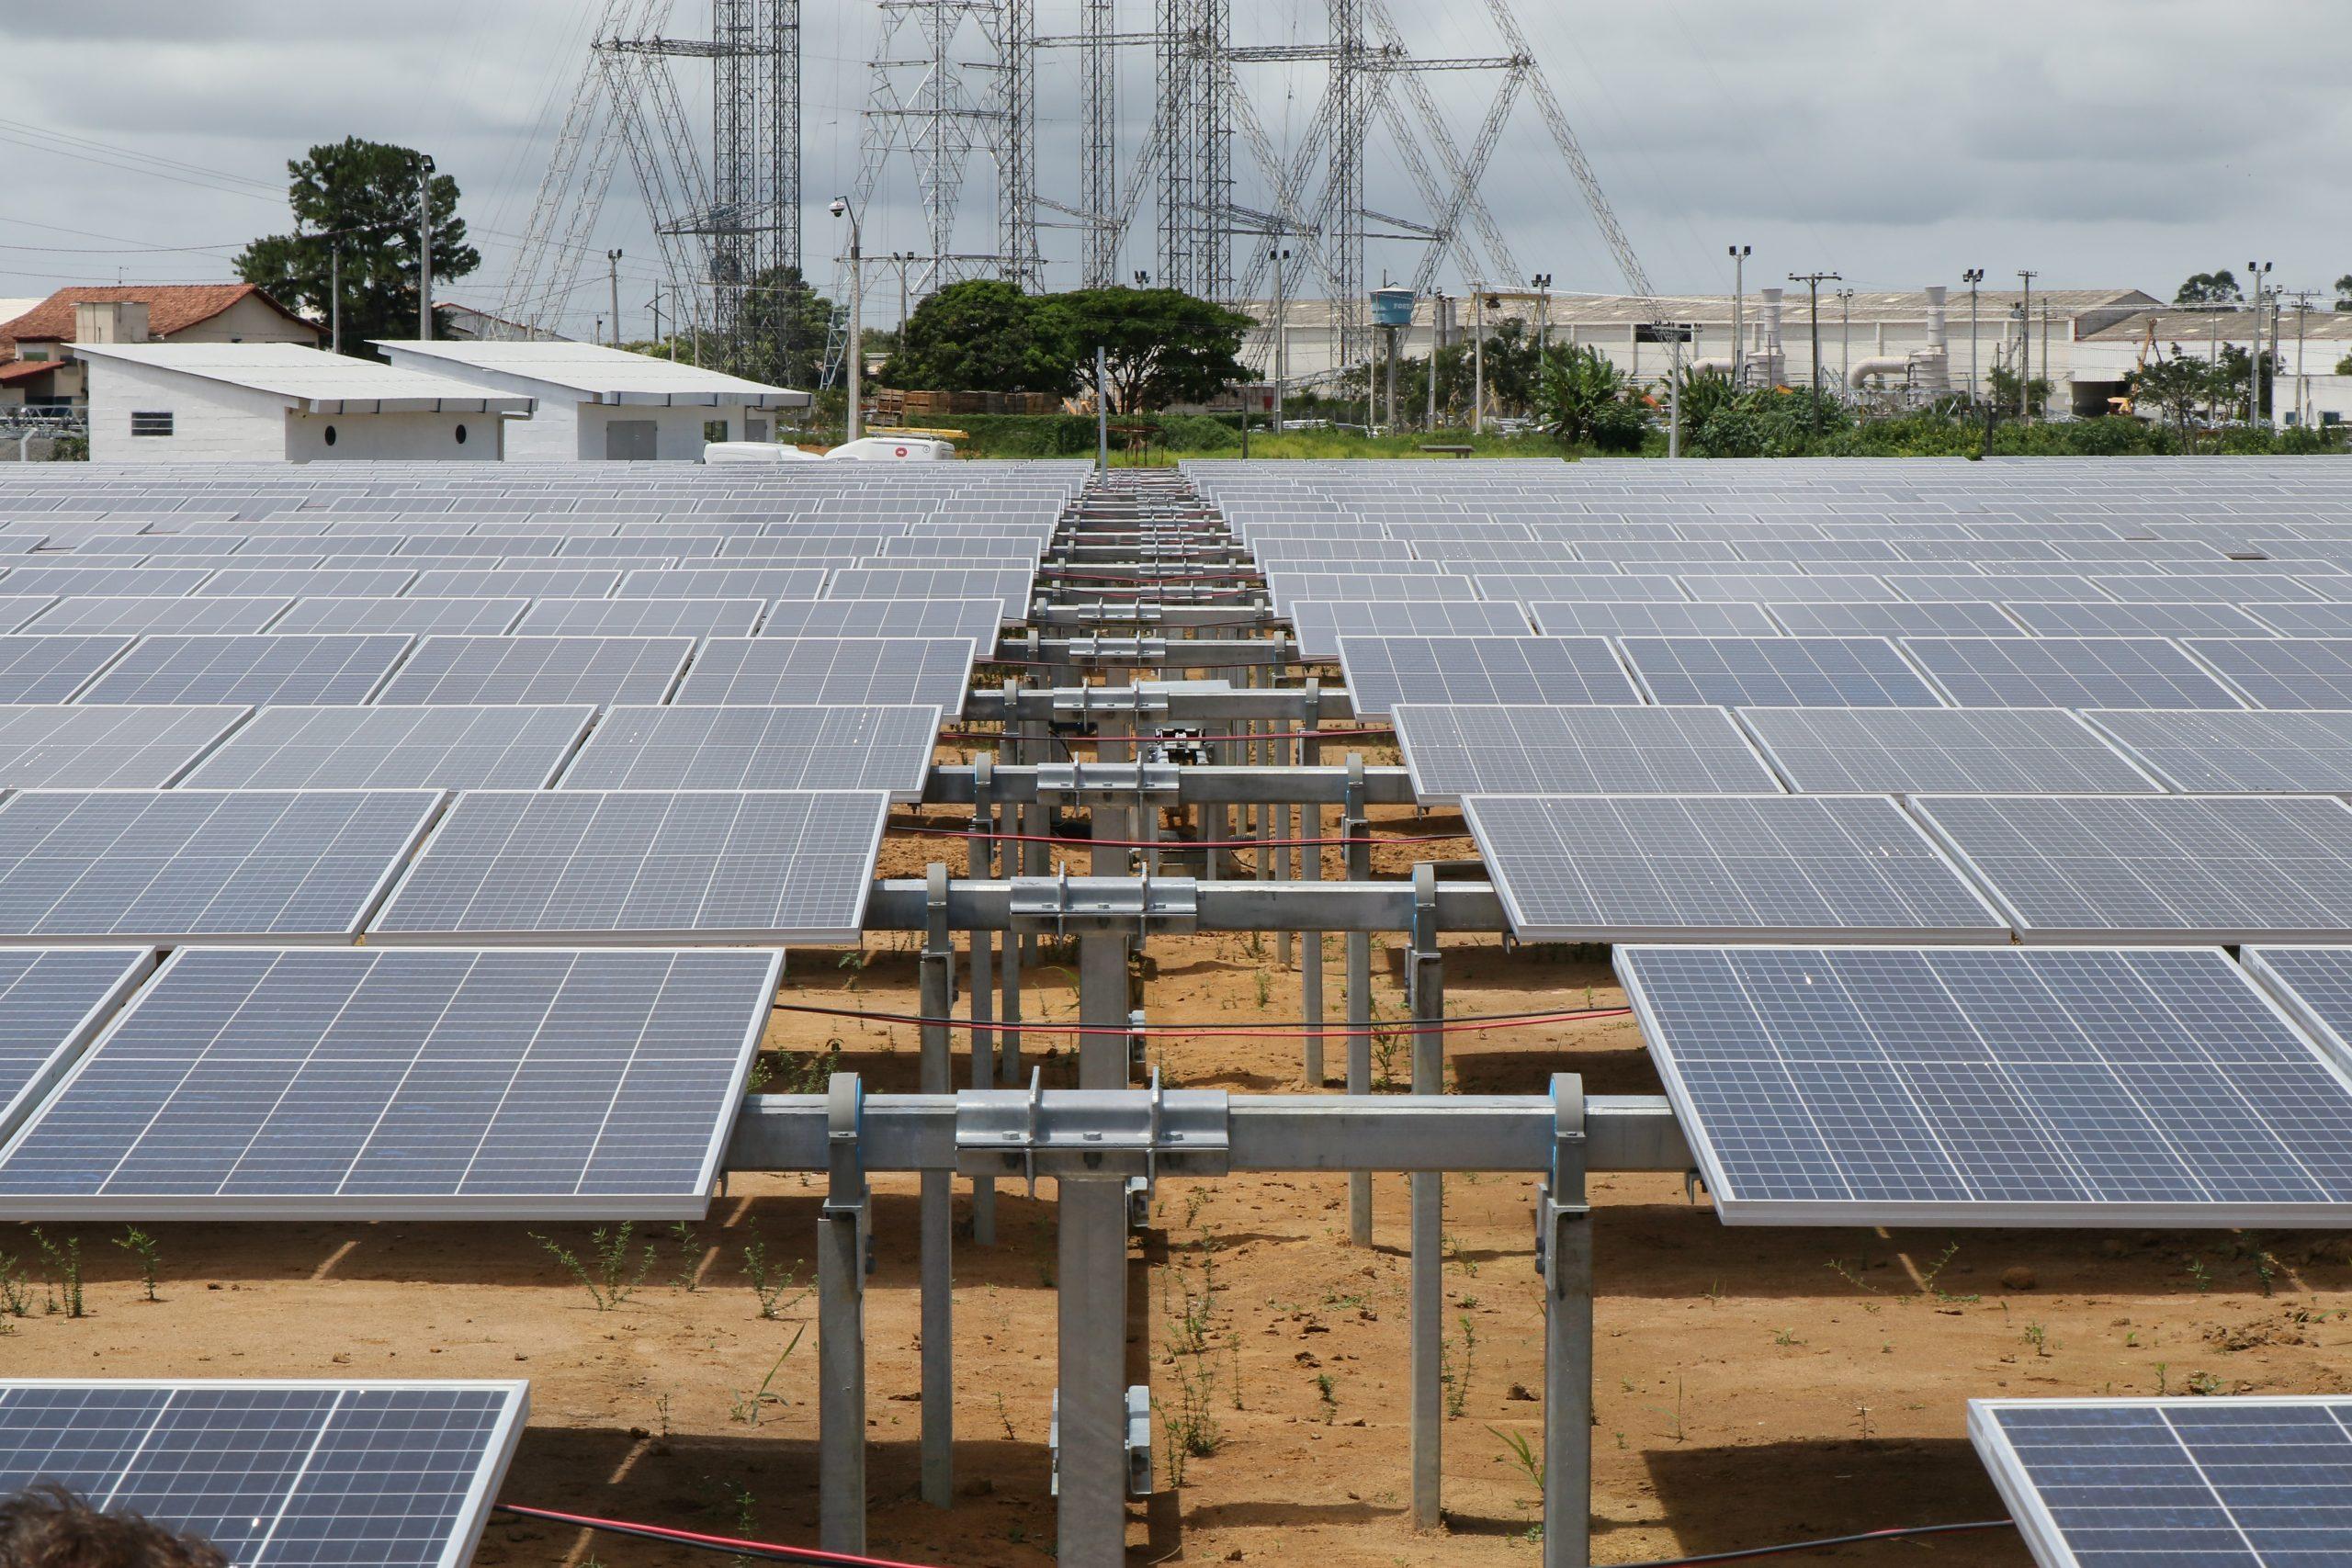 Brasil entra no grupo de 20 países líderes em energia solar